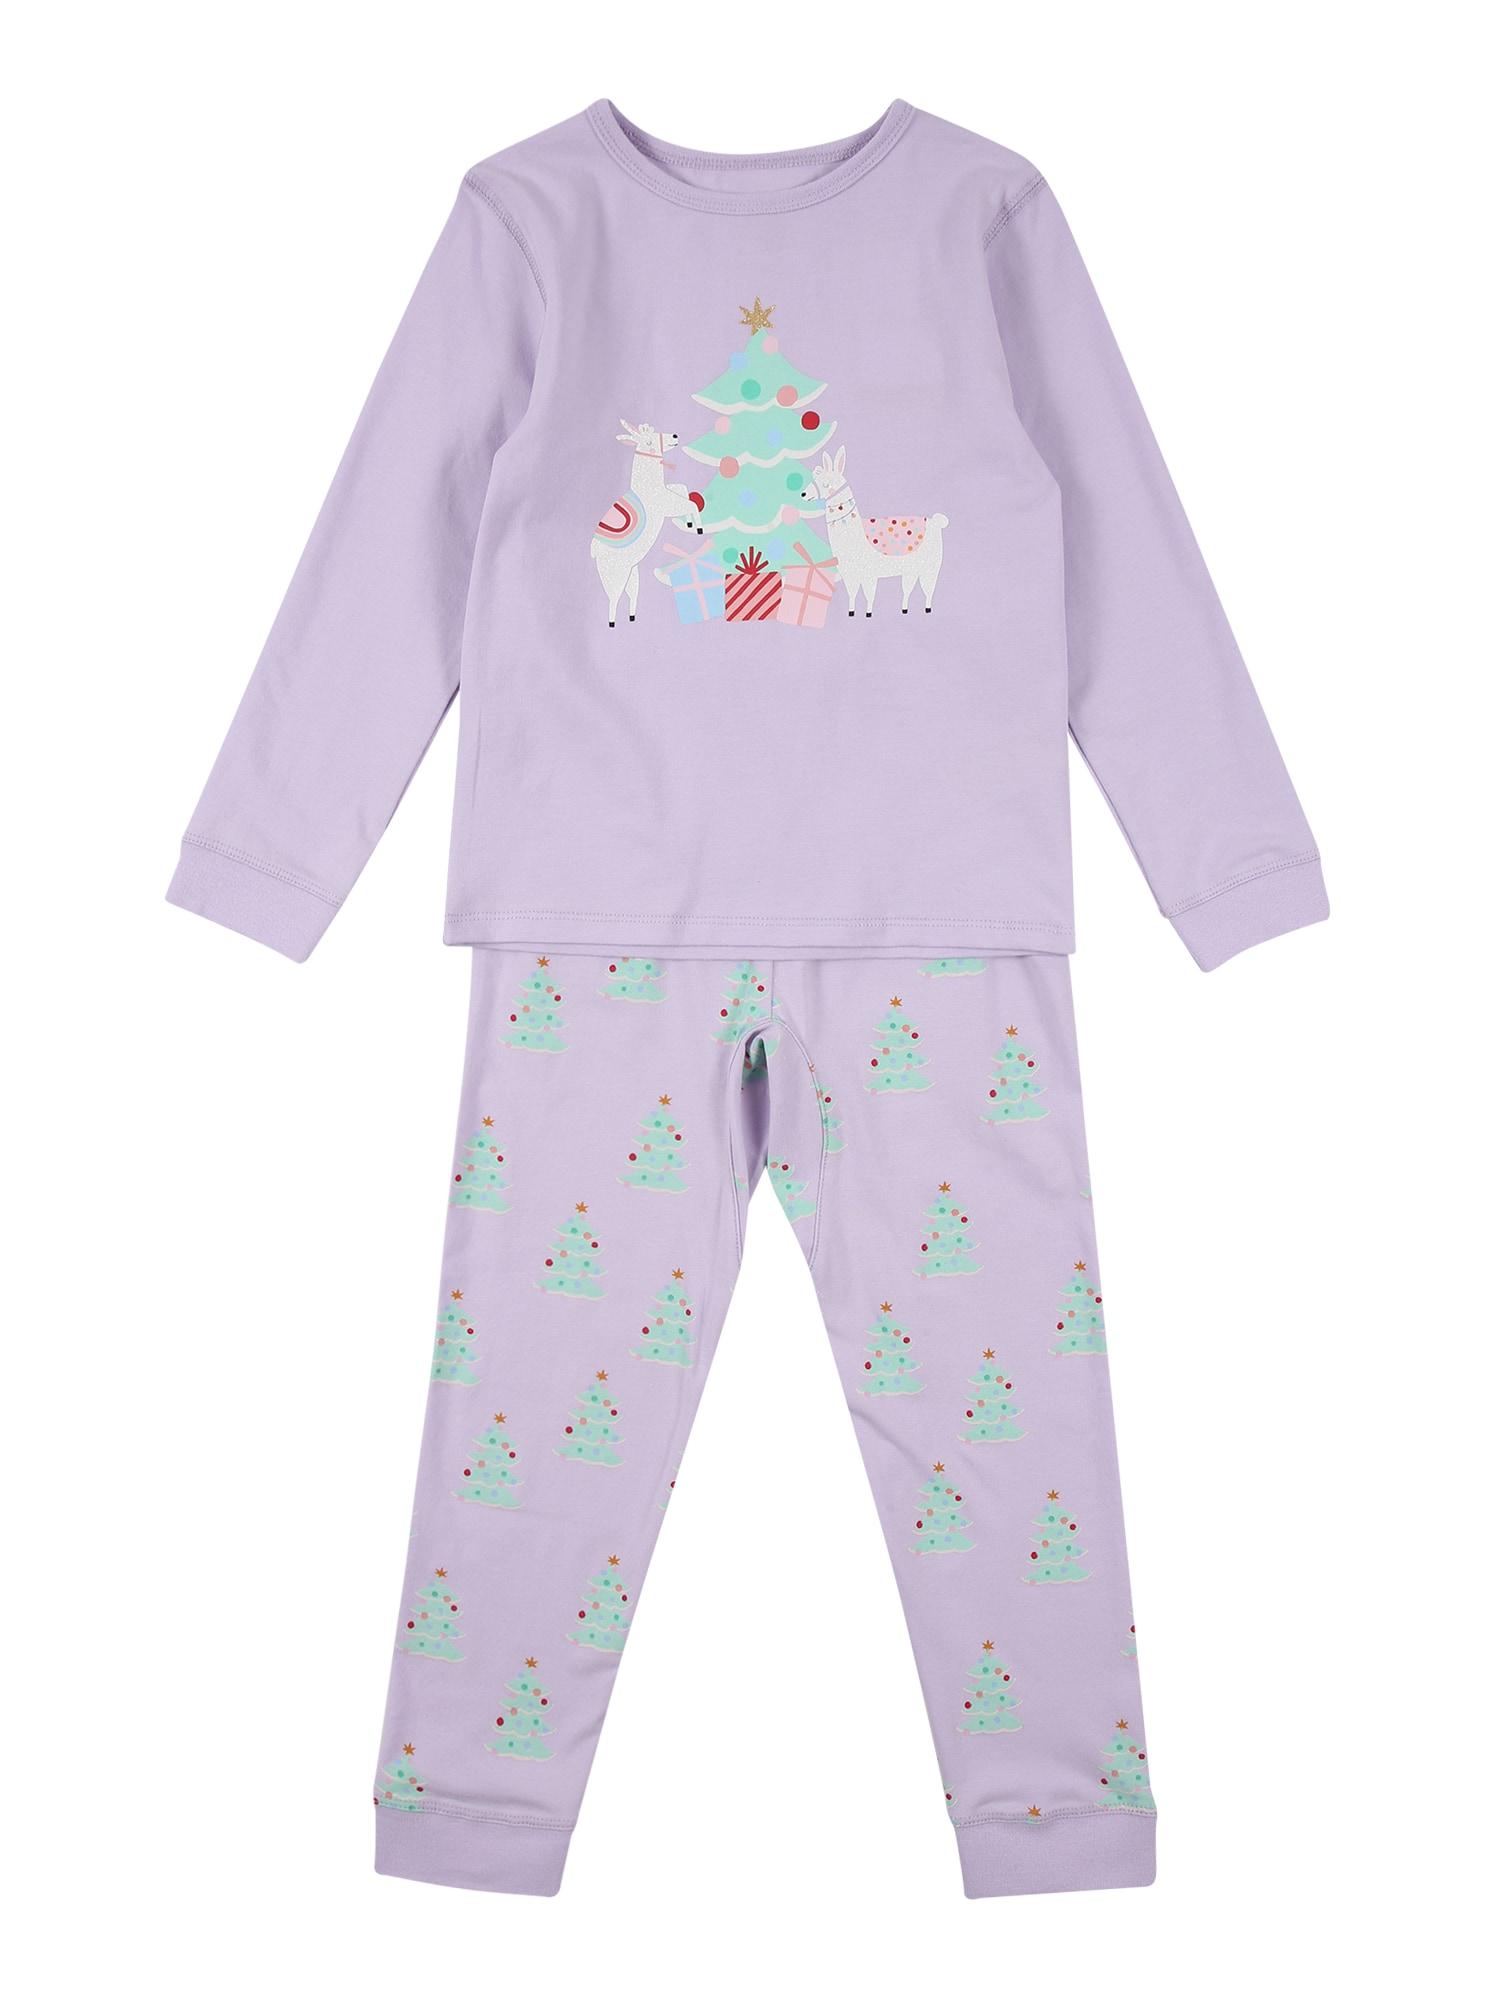 Cotton On Miego kostiumas 'Florence' mišrios spalvos / pastelinė violetinė